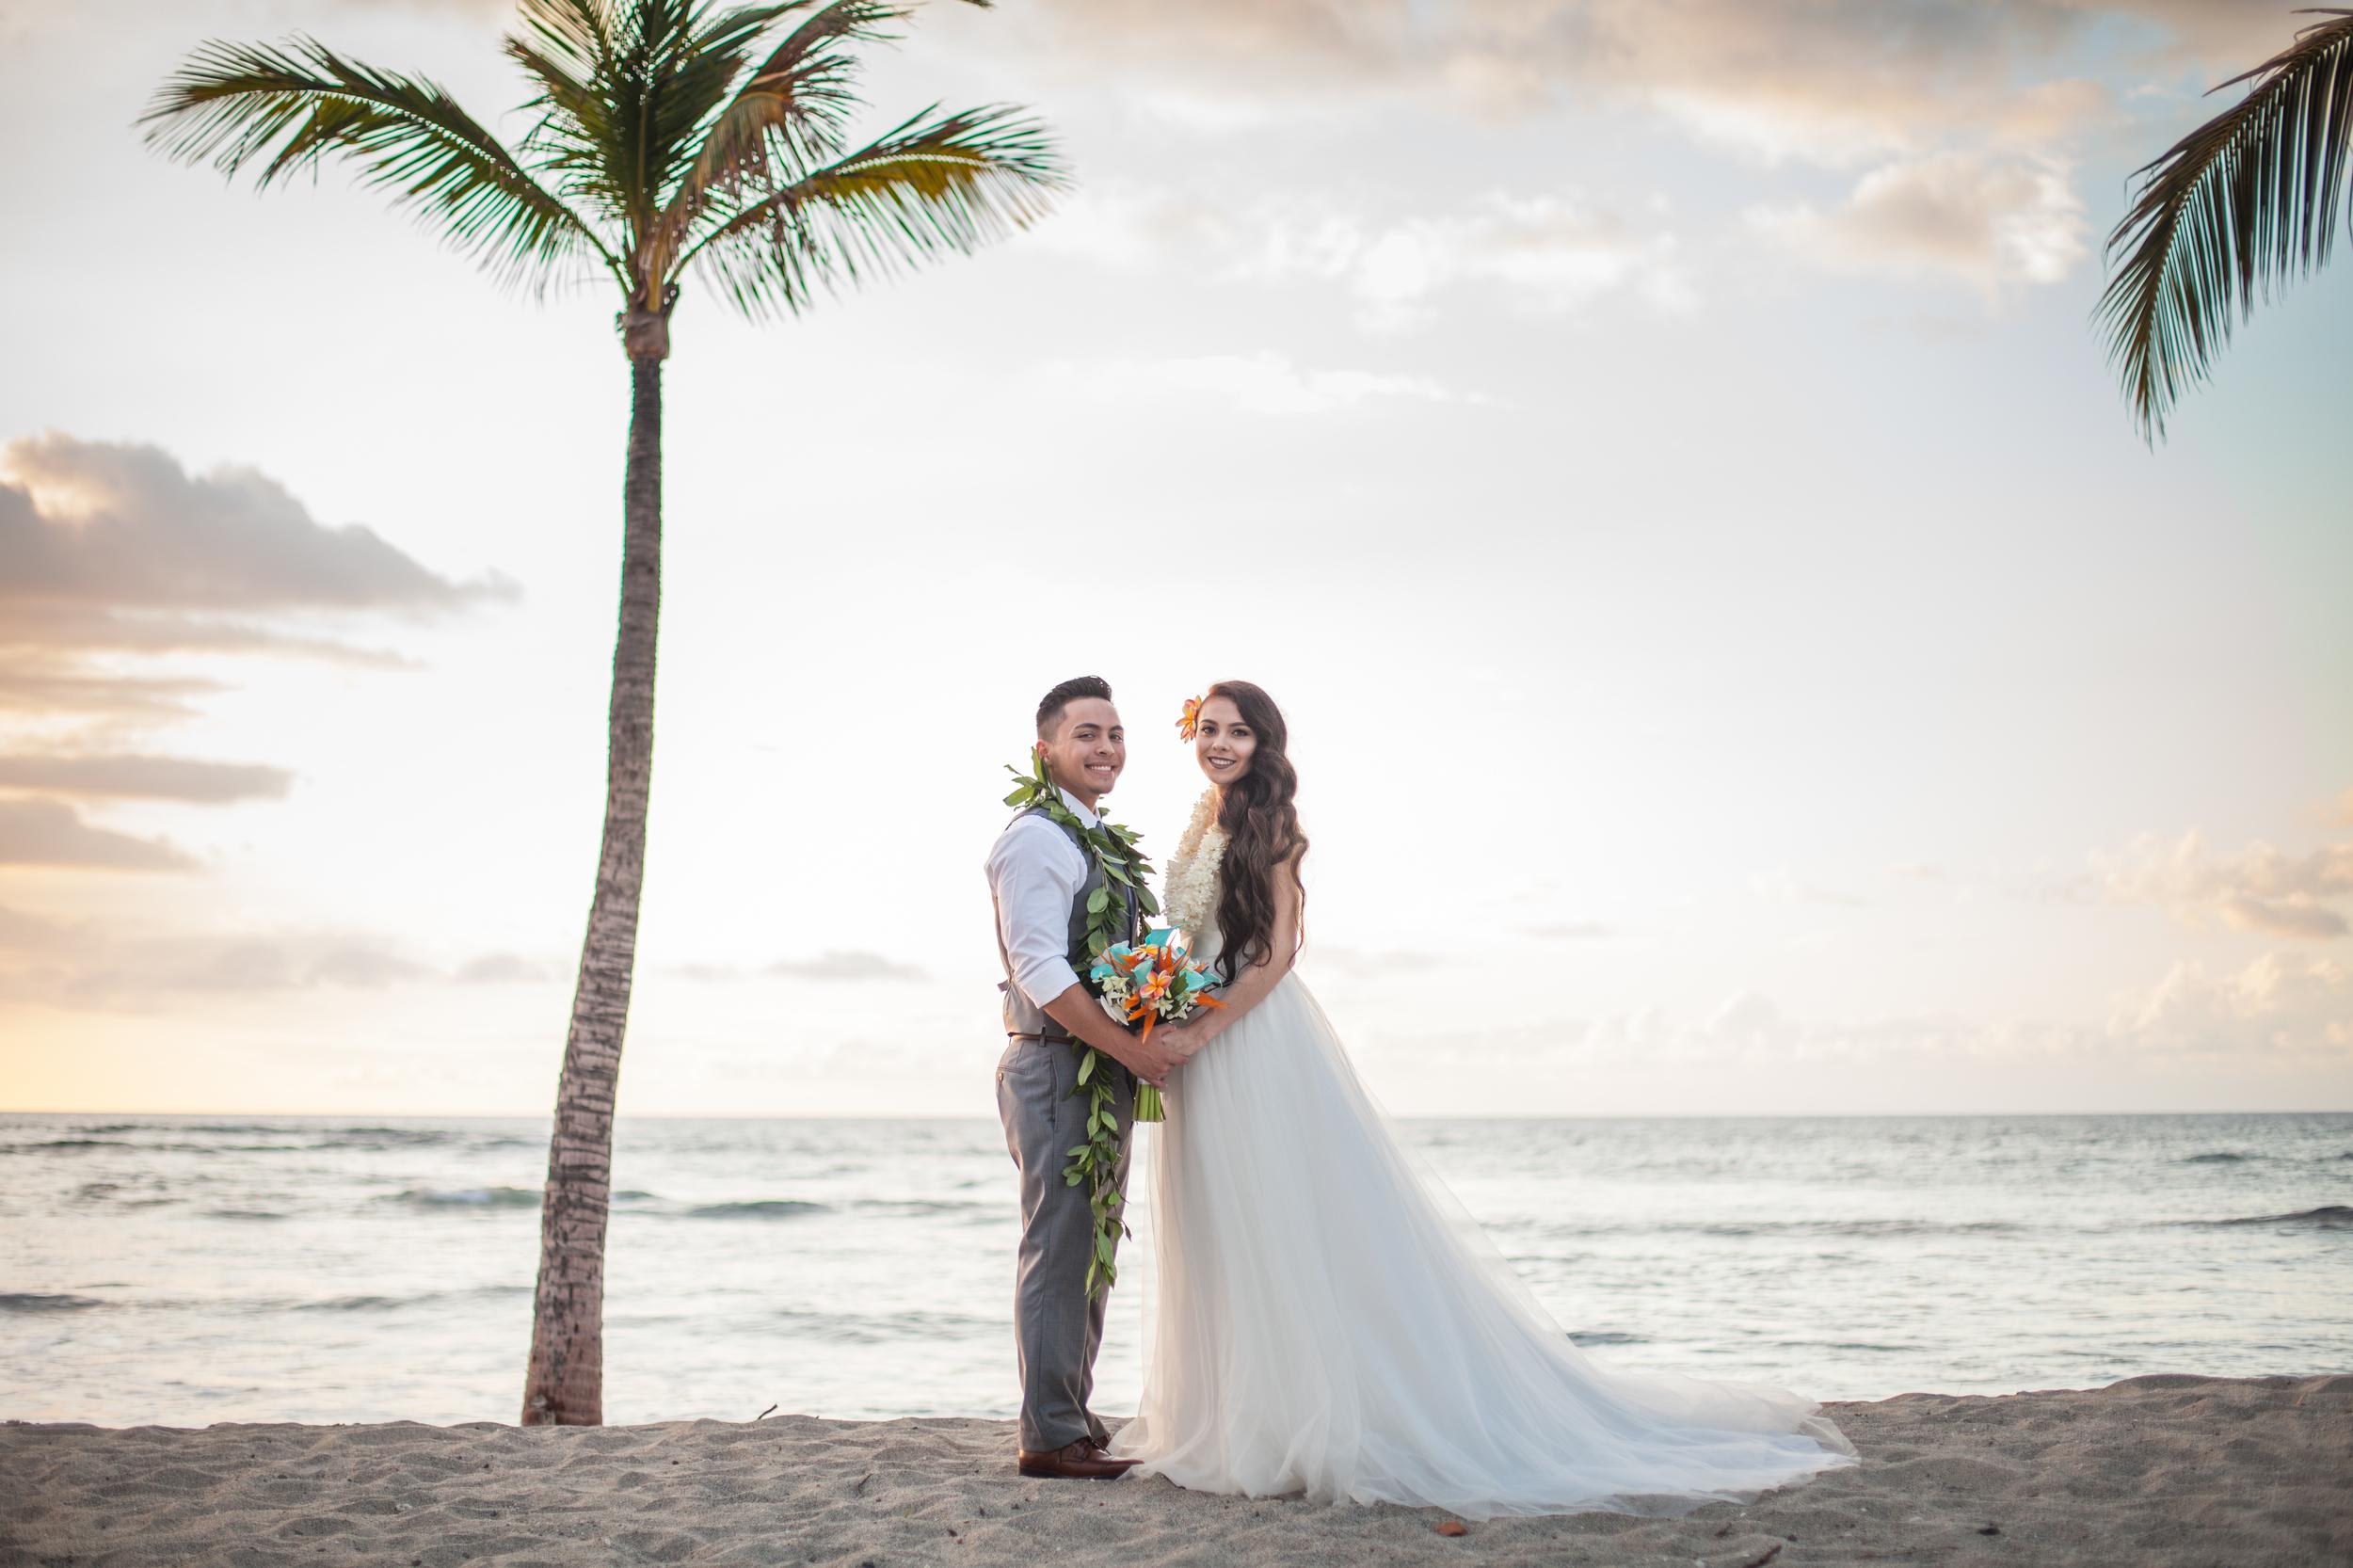 big island hawaii mauna lani resort wedding © kelilina photography 20160523184102-1.jpg